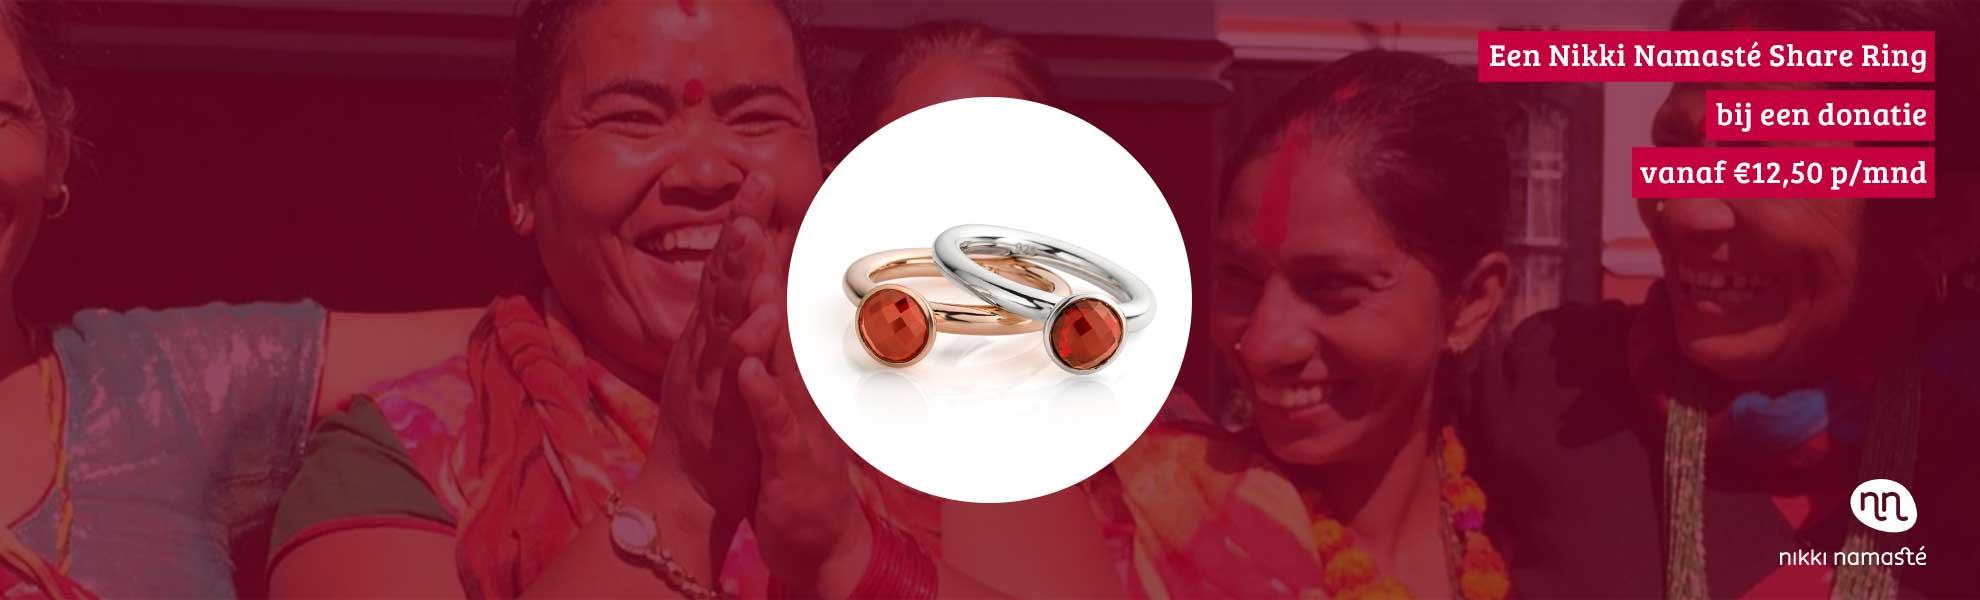 Nikki Namasté Ring Bij Donatie